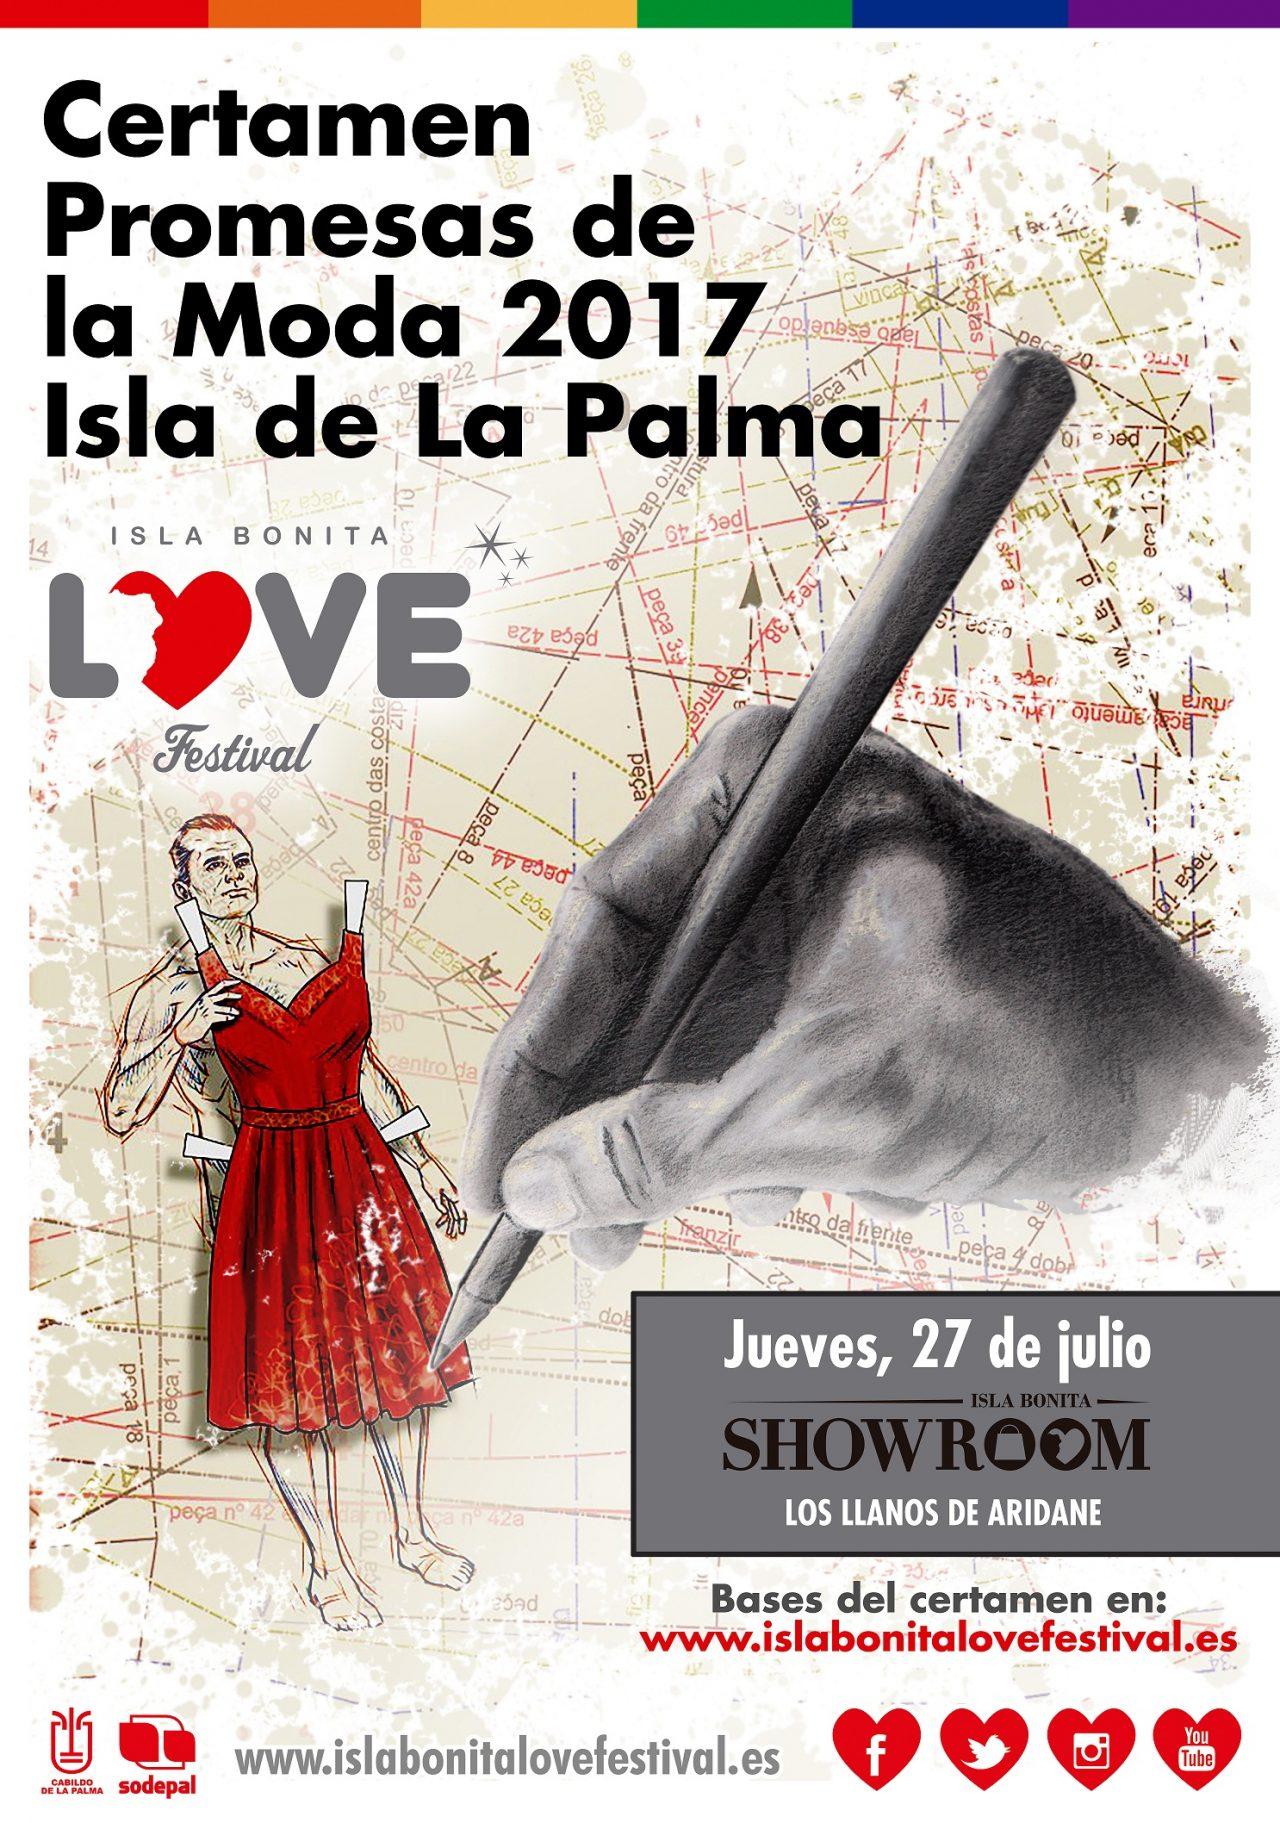 Cartel Certamen Promesas de la Moda 2017 Isla de La Palma (FINAL)-1 BAJA (1)